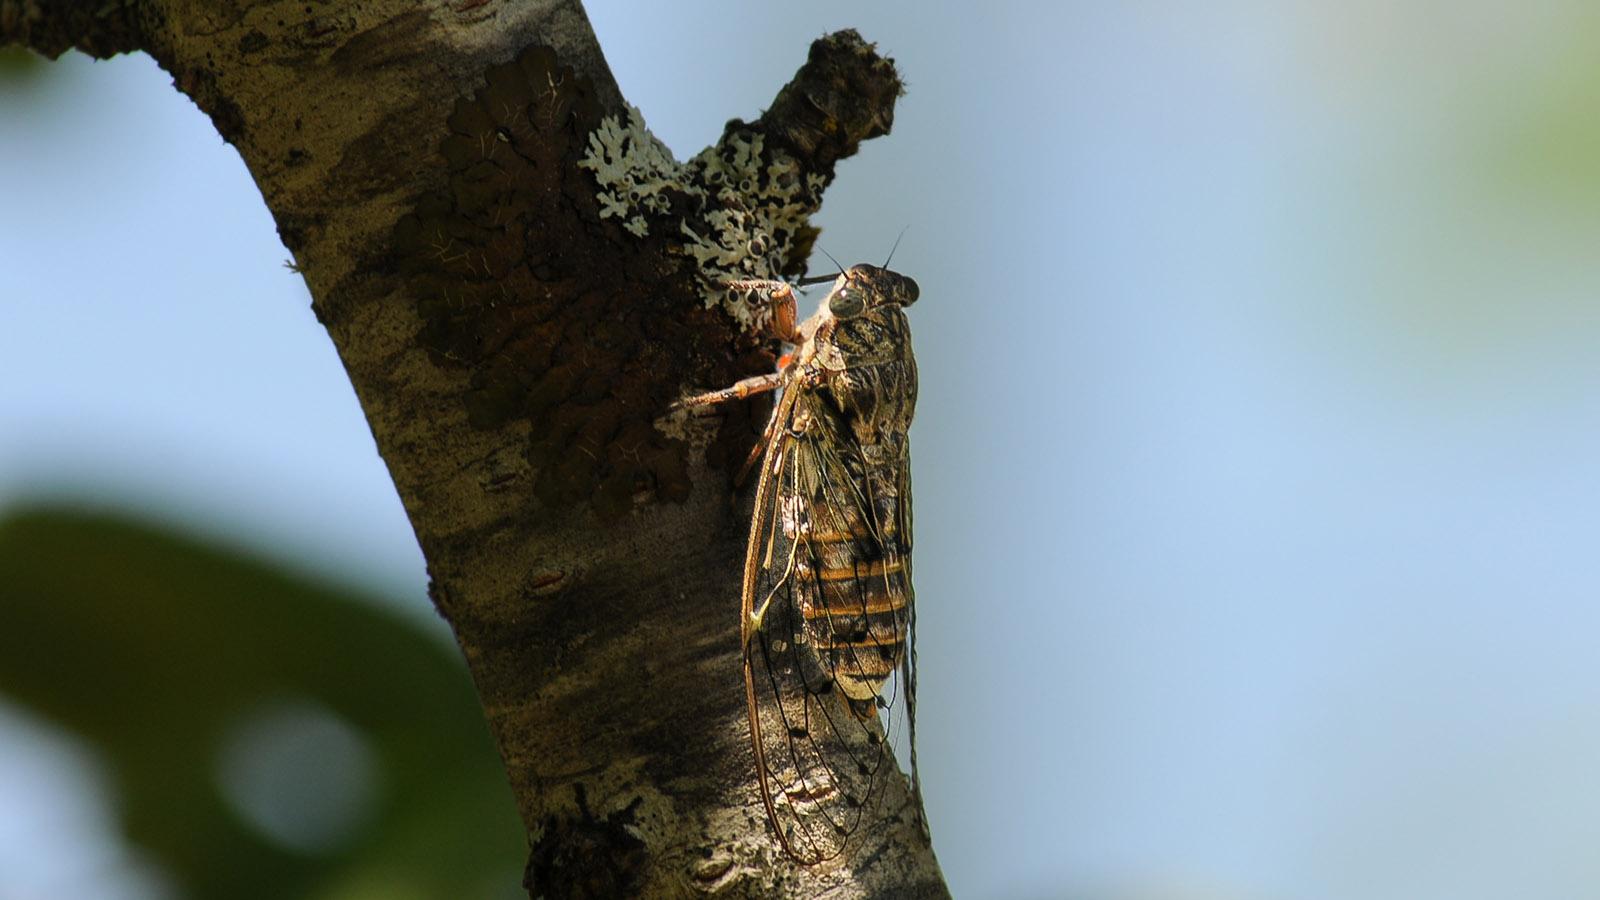 Eine Zikade hockt hier auf dem Baumstamm. Foto: Anke Feja